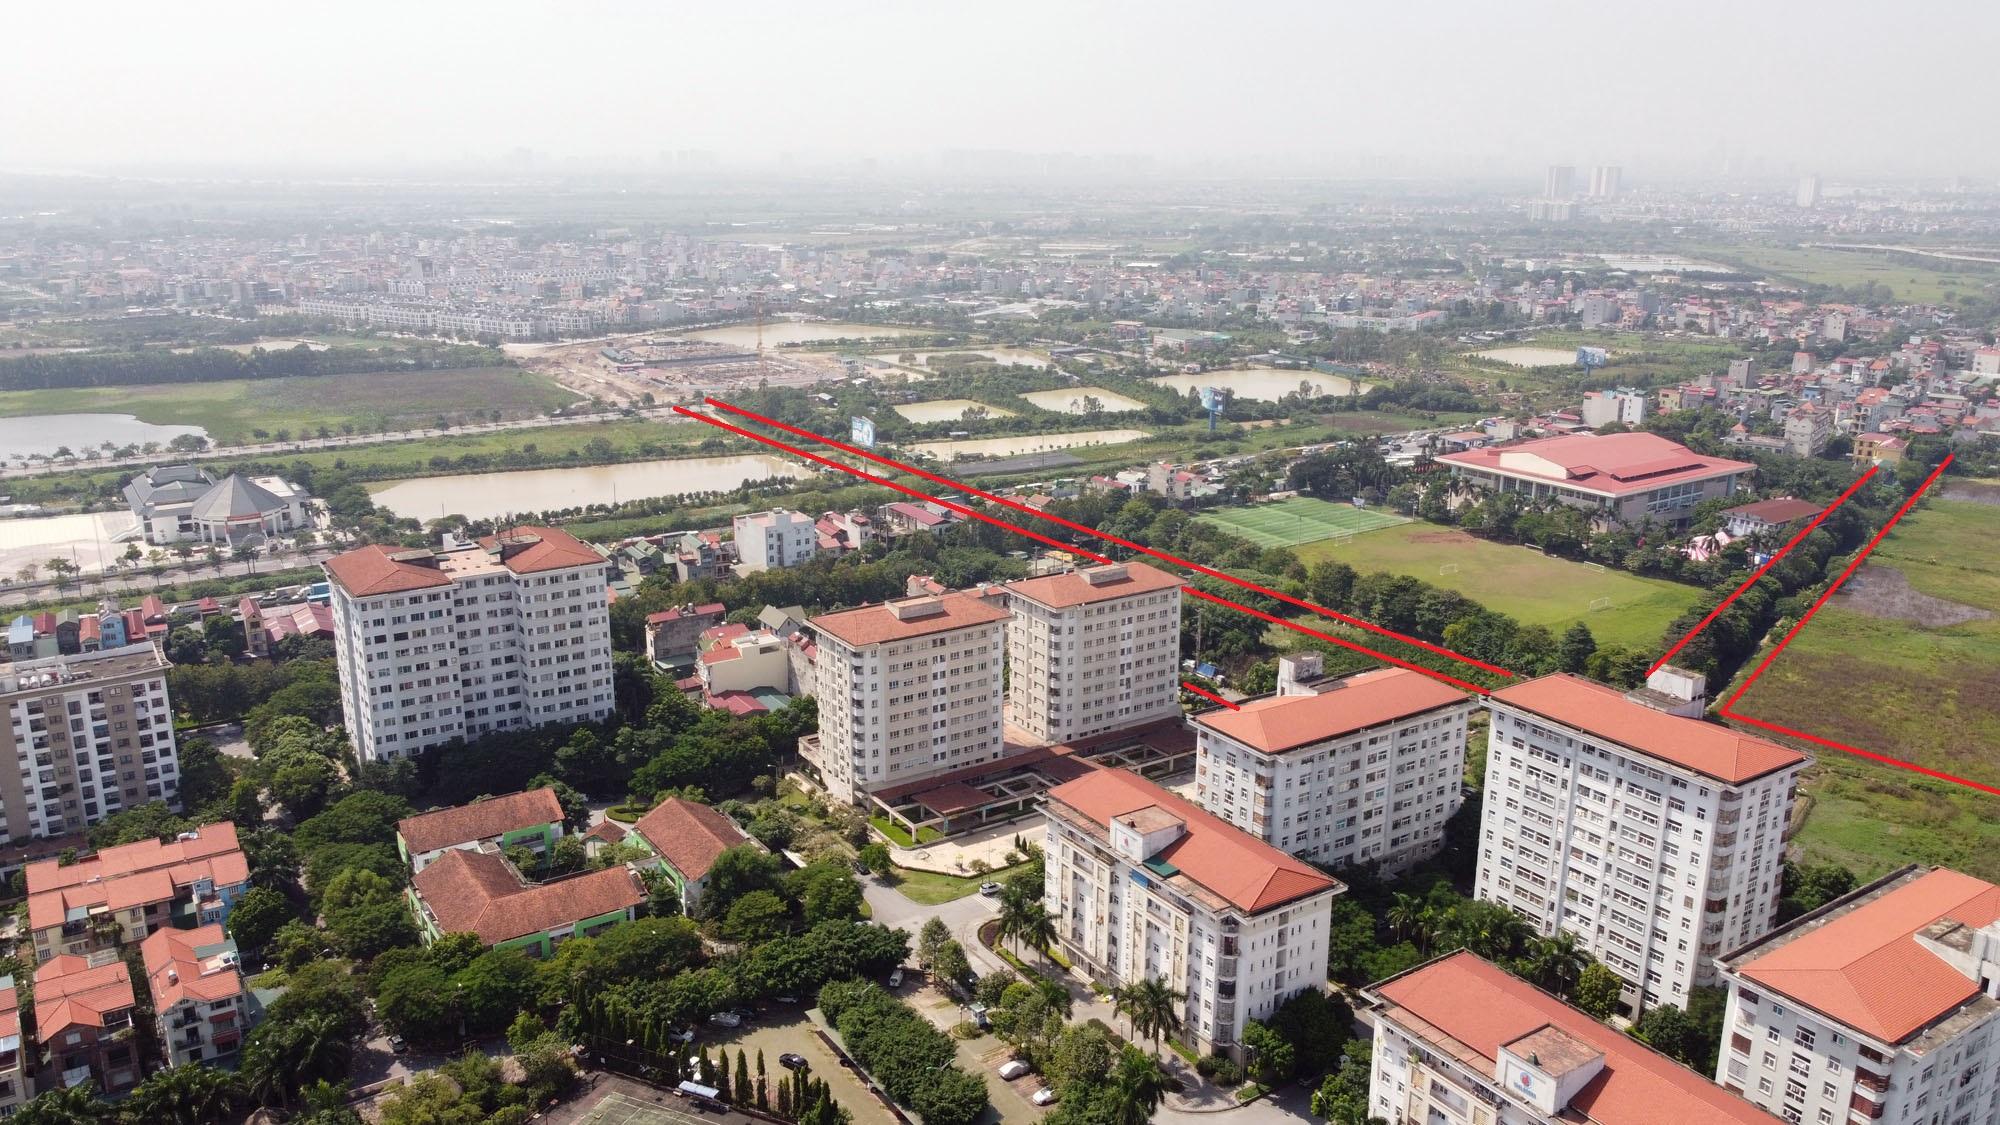 Ba đường sẽ mở theo qui hoạch ở xã Cổ Bi, Gia Lâm, Hà Nội - Ảnh 12.